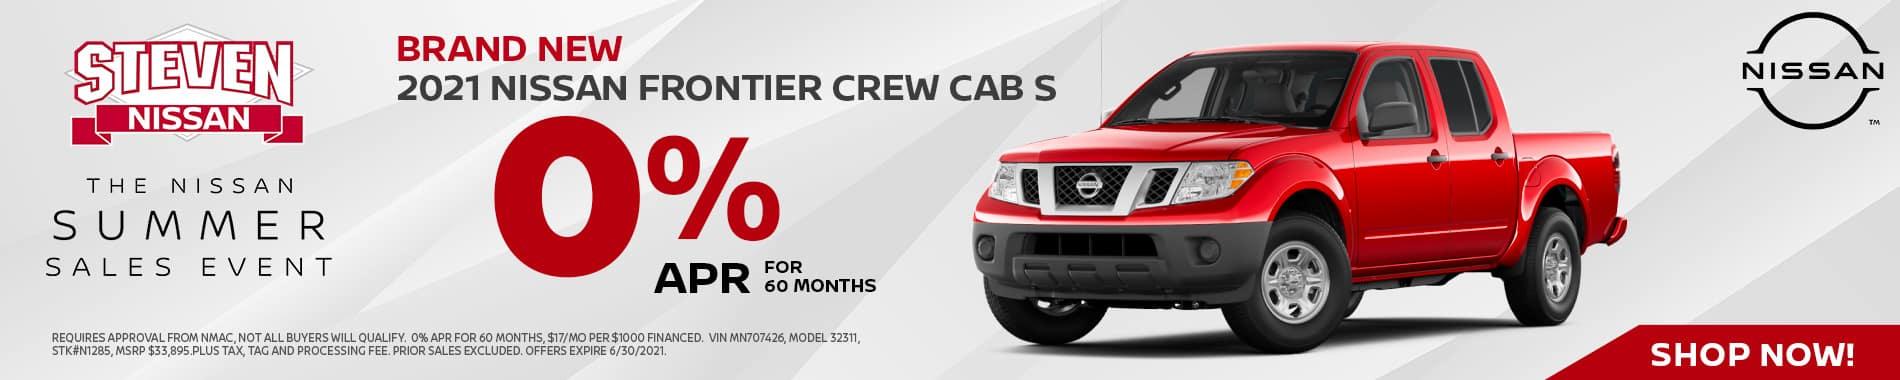 6.21-Steven-Nissan-2021-Nissan-Frontier-Crew-Cab-S